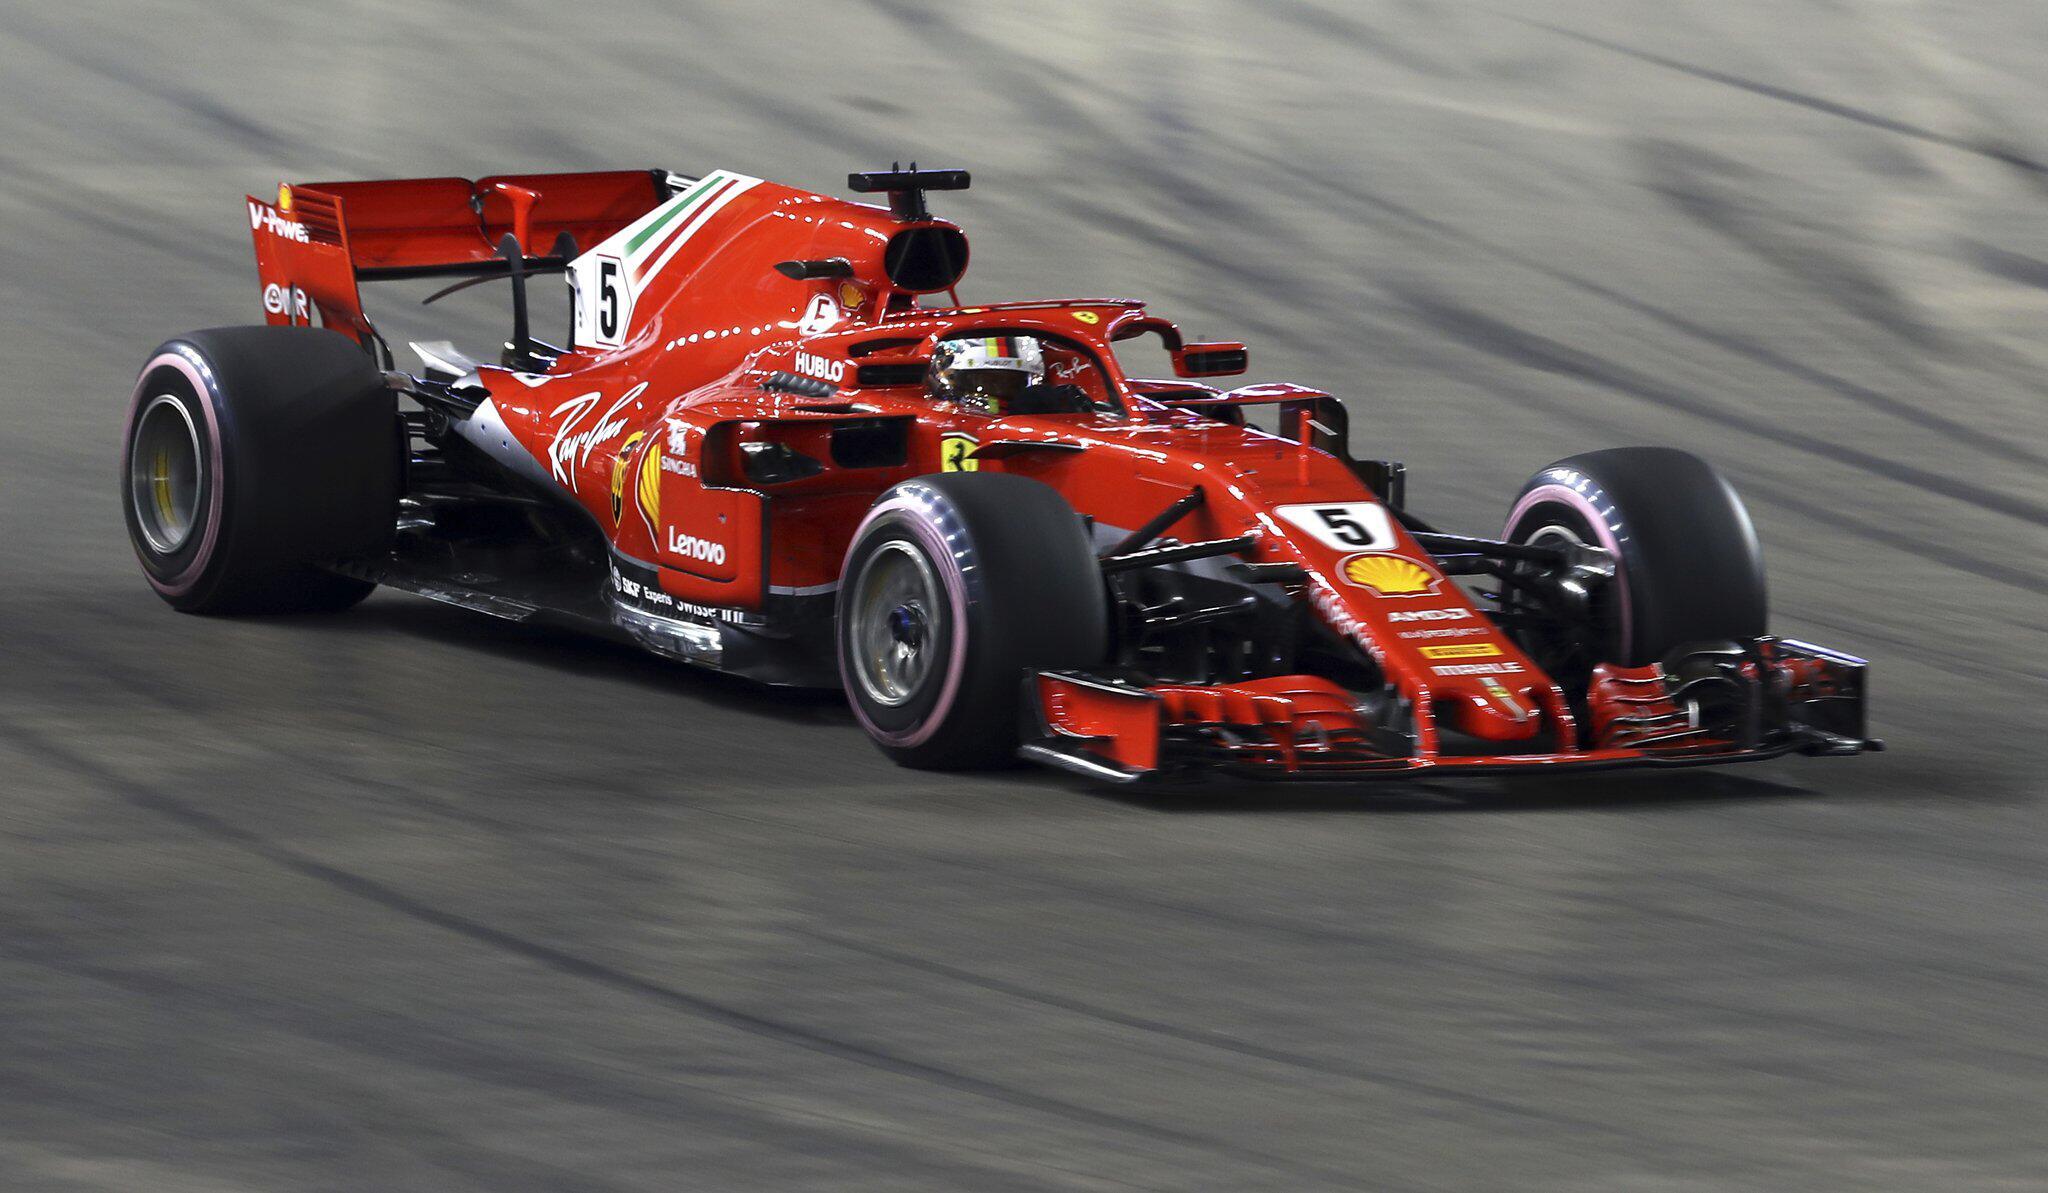 Bild zu Formel 1 - Grosser Preis von Singapur